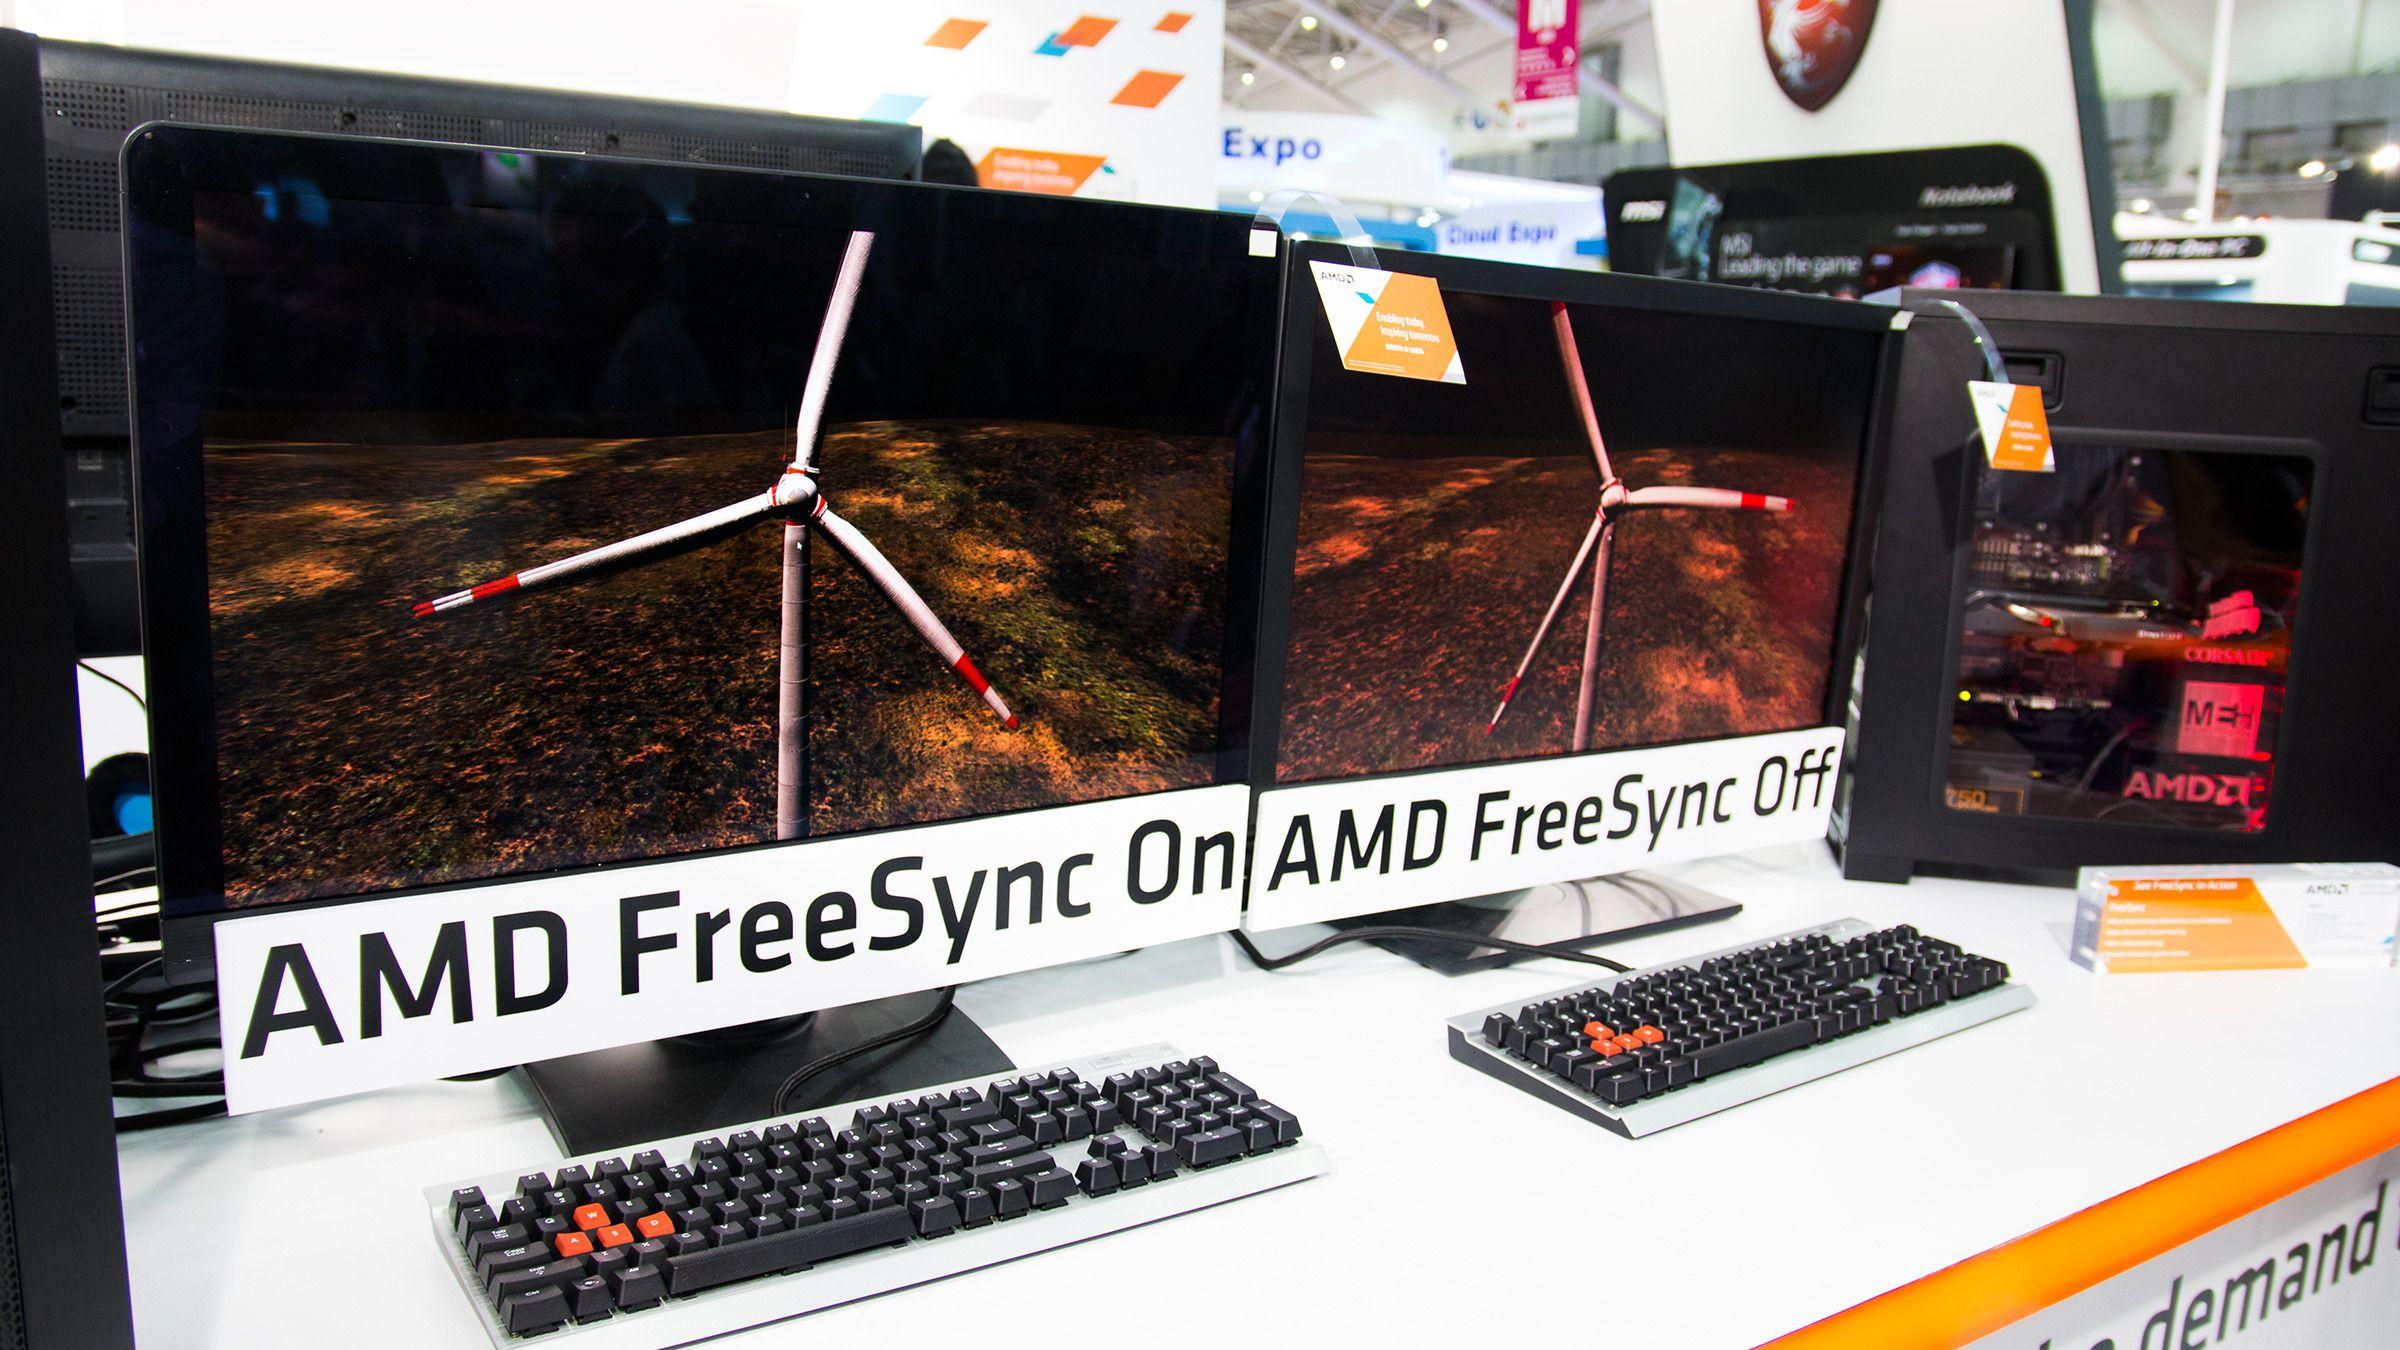 FreeSync-skjermene later til å gi en svært mye jevnere bildeflyt.Foto: Varg Aamo, Hardware.no